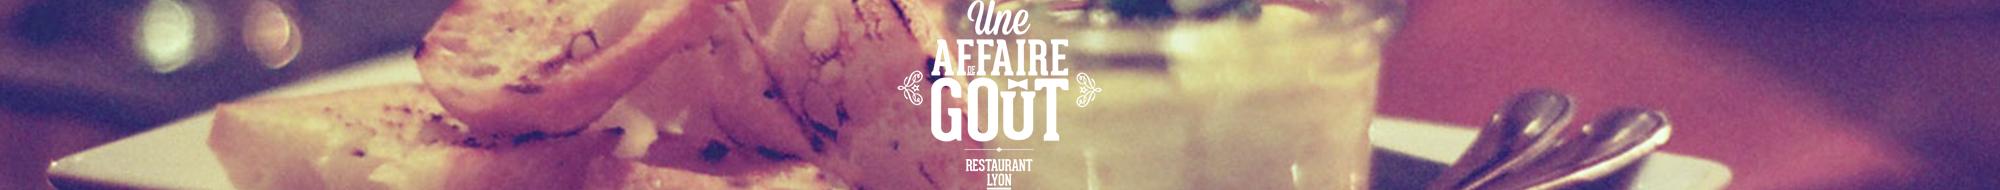 Une affaire de Goût | Restaurant de Chef – Lyon 6ème arrondissement